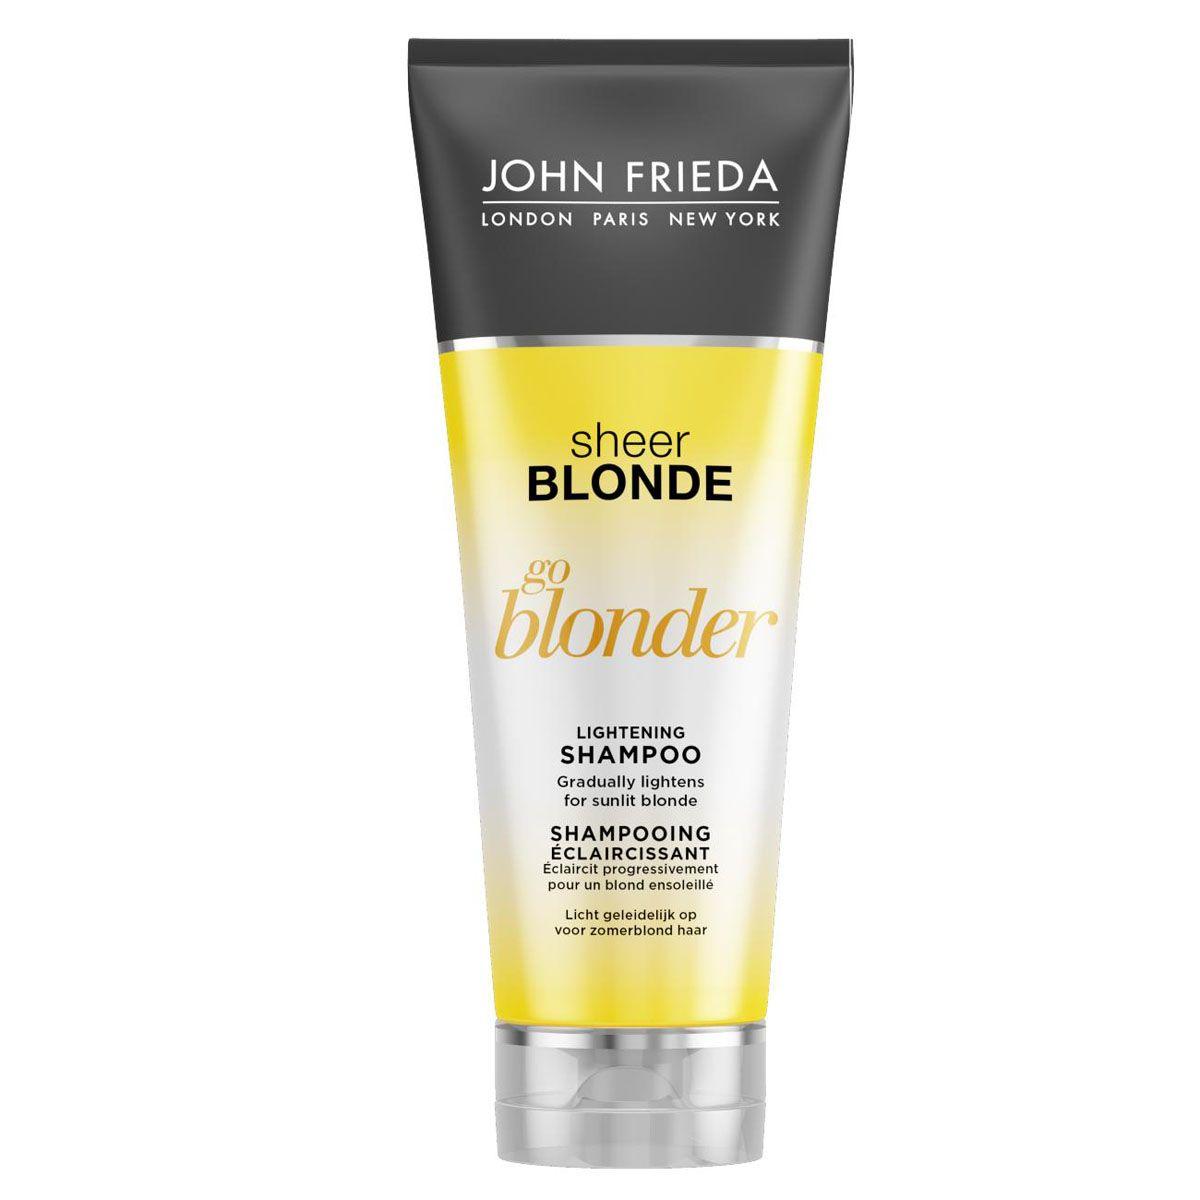 John Frieda Шампунь осветляющий для натуральных, мелированных и окрашенных волос Sheer Blonde Go Blonder 250 млMP59.4DПостепенно осветляет и создает заметный эффект солнечного поцелуя на светлых волосах. Светлые волосы становятся более яркими и мерцающими, заметный эффект солнечного поцелуя усиливает блеск светлых волос. Осветляющий шампунь Go Blonder возвращает волосам красоту, мягкость и здоровый вид, не пересушивает их.